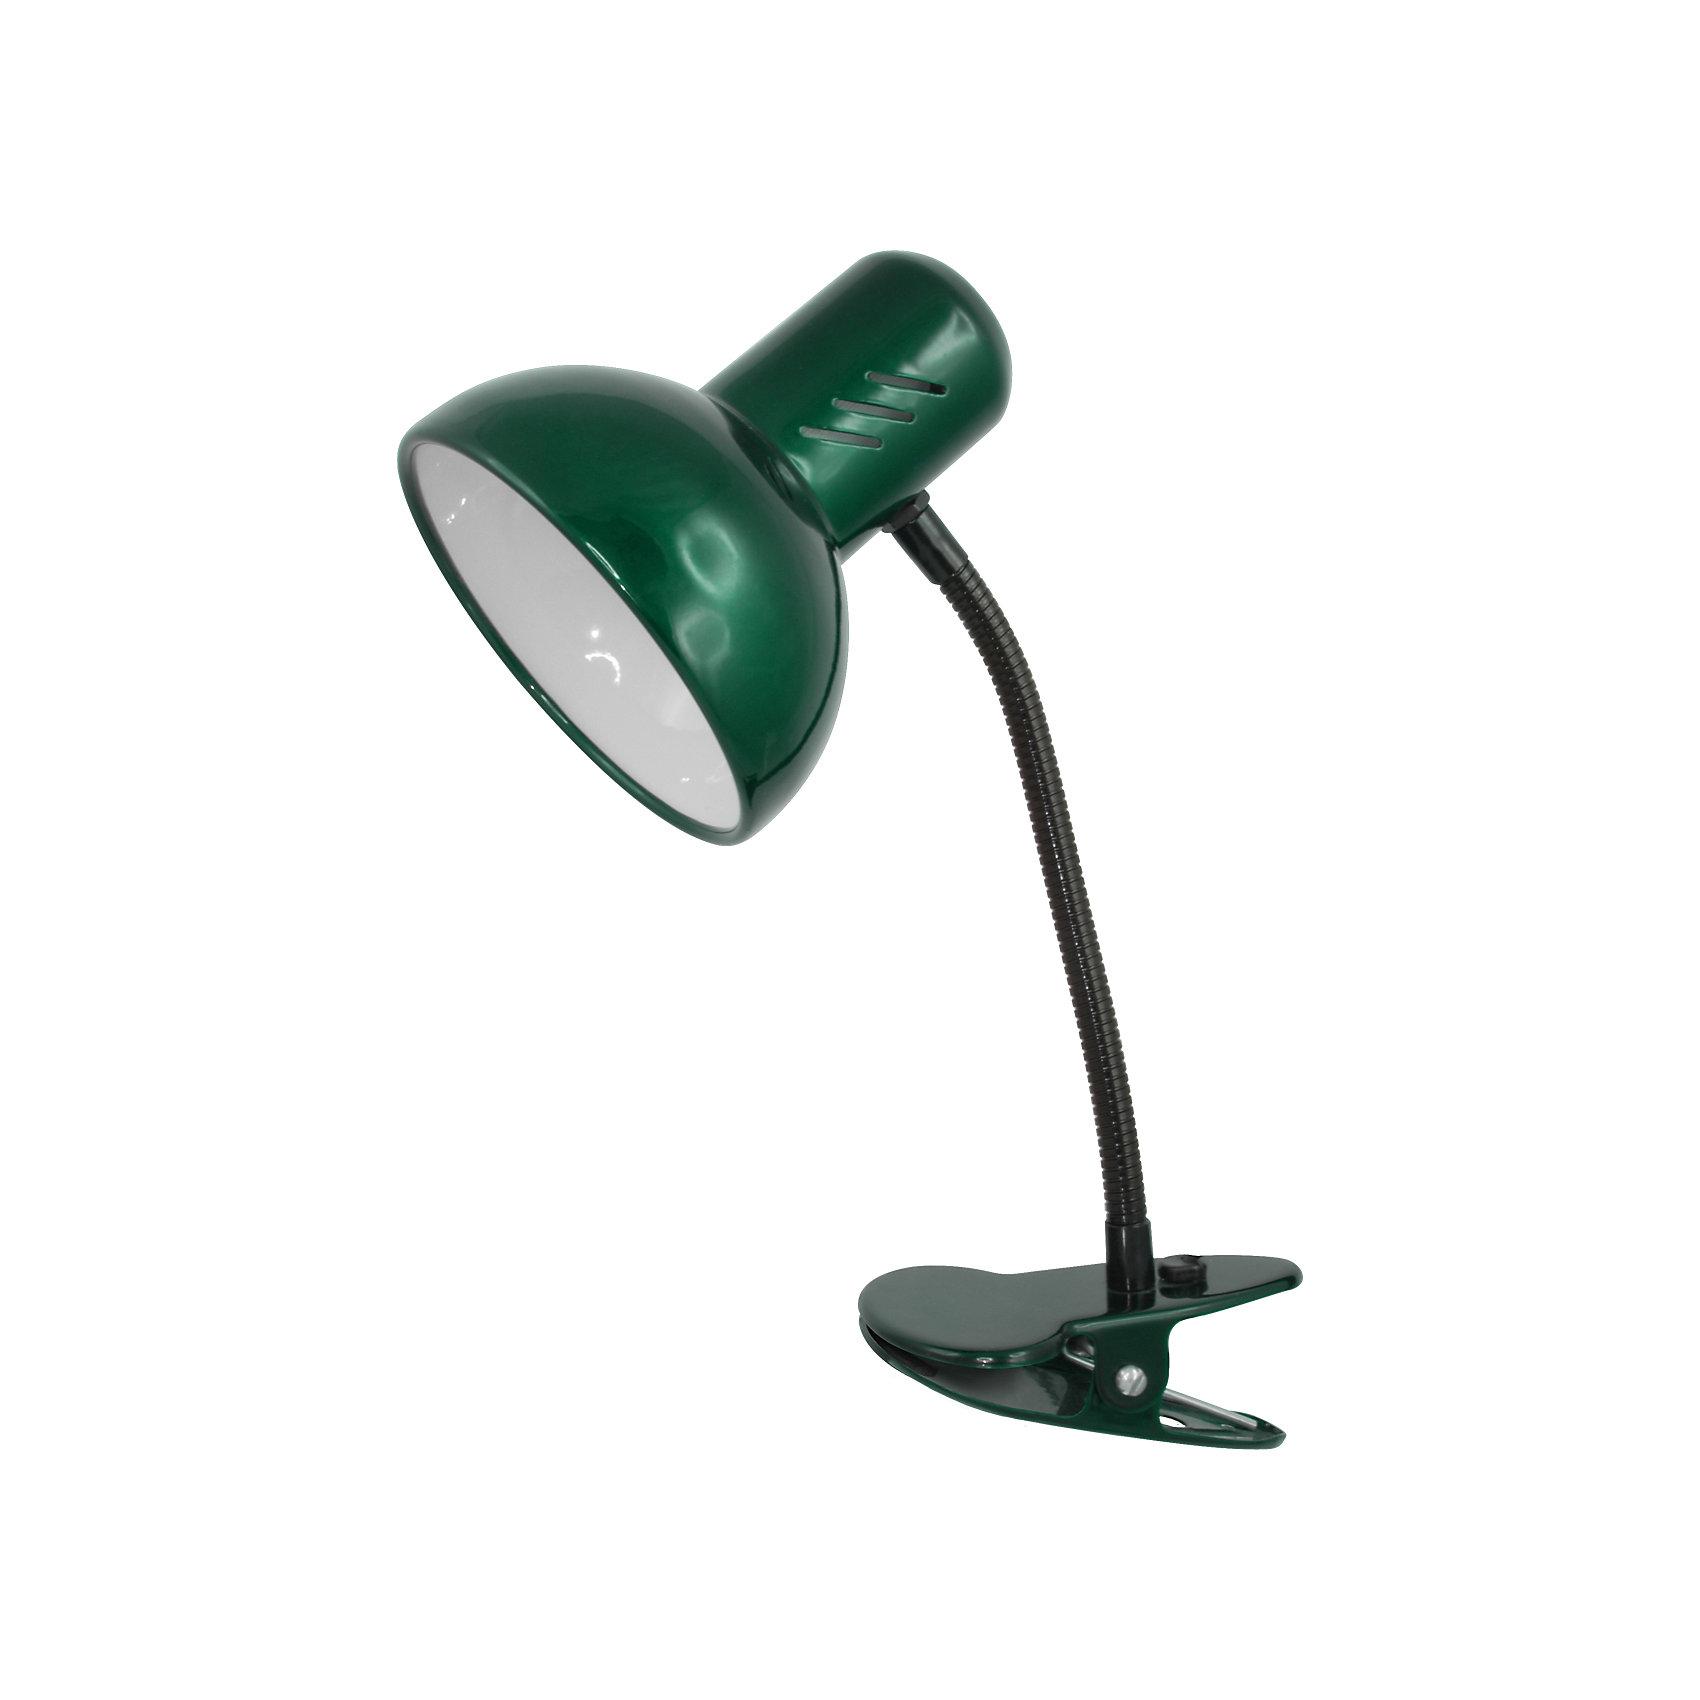 Зеленый перламутровый светильник, 40 ВтЛампы, ночники, фонарики<br>Зеленый перламутровый светильник, 40 Вт – это классический светильник для освещения рабочего стола.<br>Зеленый перламутровый светильник классического дизайна идеально подойдет для освещения рабочего места дома и в офисе. Светильник крепиться с помощью зажима-прищепки. Плафон изготовлен из облегчённого металла, покрыт специальной устойчивой эмалью. Патрон светильника прочно закреплён, изготовлен из керамики. Сетевой шнур с вилкой длиной 1,8м. имеет двойную изоляцию, не требует заземления. Вилка изготовлена из пластичного материала, предотвращающего появление трещин. Светильник удобен и практичен в использовании.<br><br>Дополнительная информация: <br><br>- Материал плафона: металл<br>- Цвет: зеленый перламутровый<br>- Питание: от сети 220В<br>- Тип цоколя: E27<br>- Мощность лампы: 40 Вт<br>- Длина шнура питания с вилкой: 1,8 м.<br>- Размер светильника: 17х22,5х12,5 см.<br>- Размер упаковки: 24х16х14 см.<br>- Вес: 642 гр.<br><br>Зеленый перламутровый светильник, 40 Вт можно купить в нашем интернет-магазине.<br><br>Ширина мм: 240<br>Глубина мм: 160<br>Высота мм: 140<br>Вес г: 642<br>Возраст от месяцев: 36<br>Возраст до месяцев: 192<br>Пол: Унисекс<br>Возраст: Детский<br>SKU: 4641472